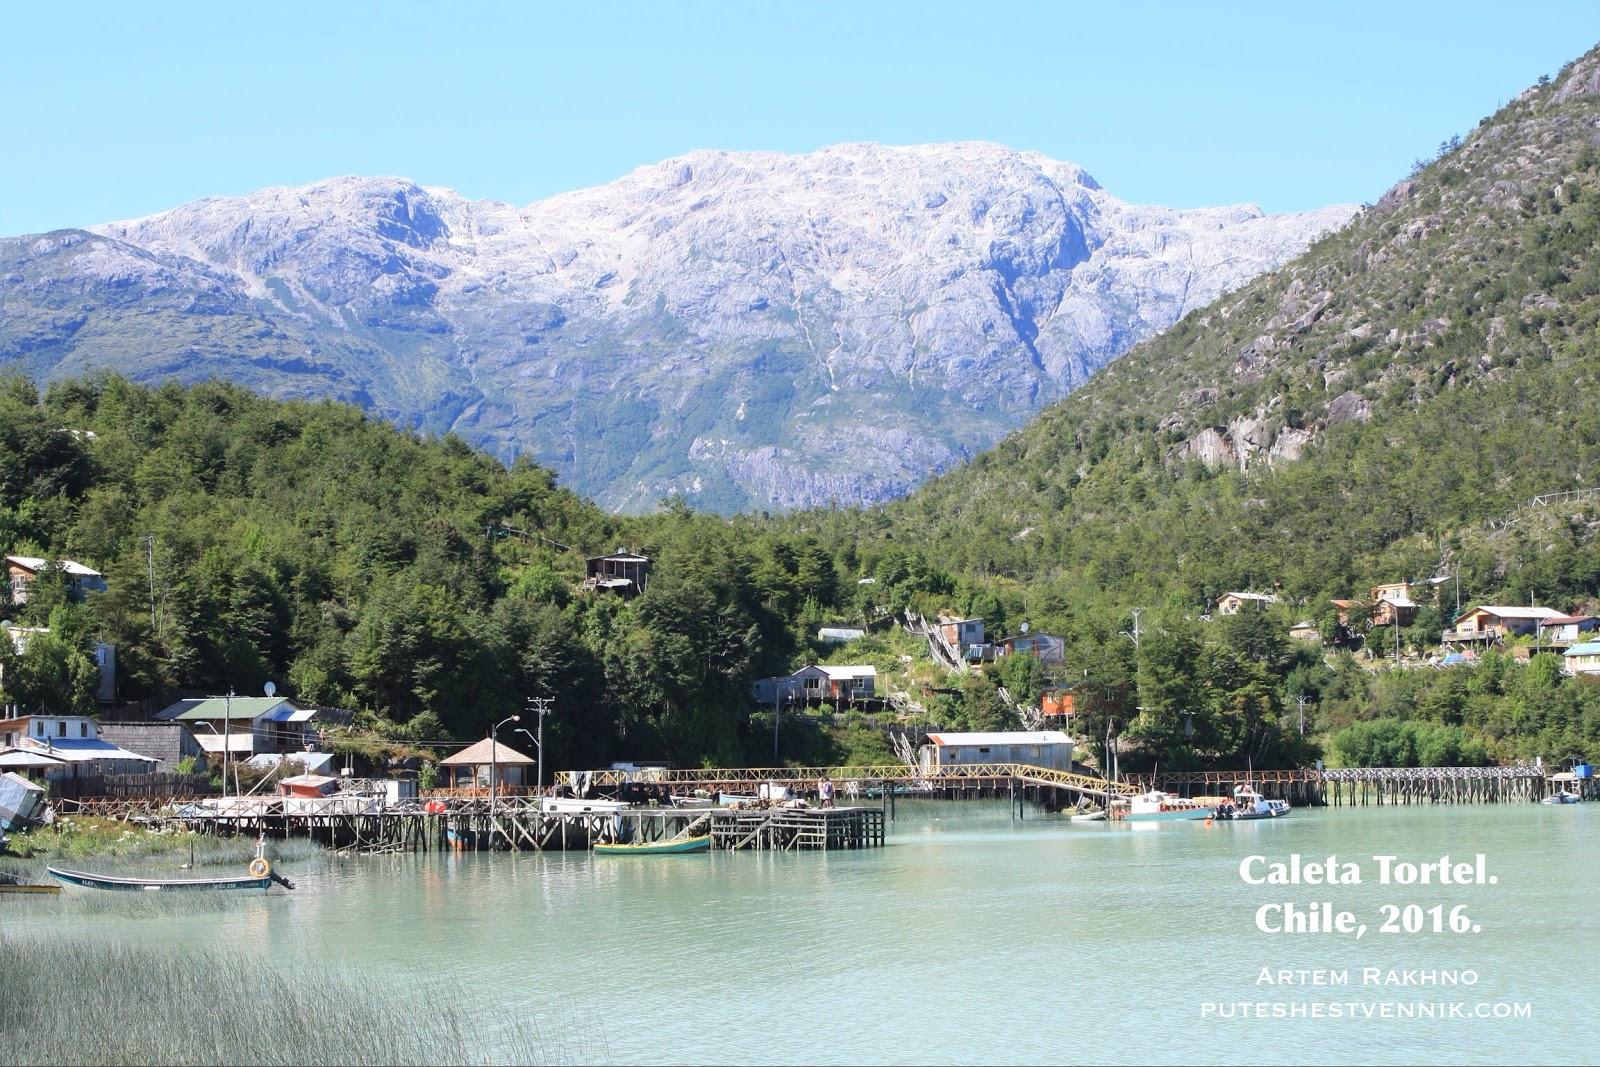 Чилийская деревня Калета Тортел